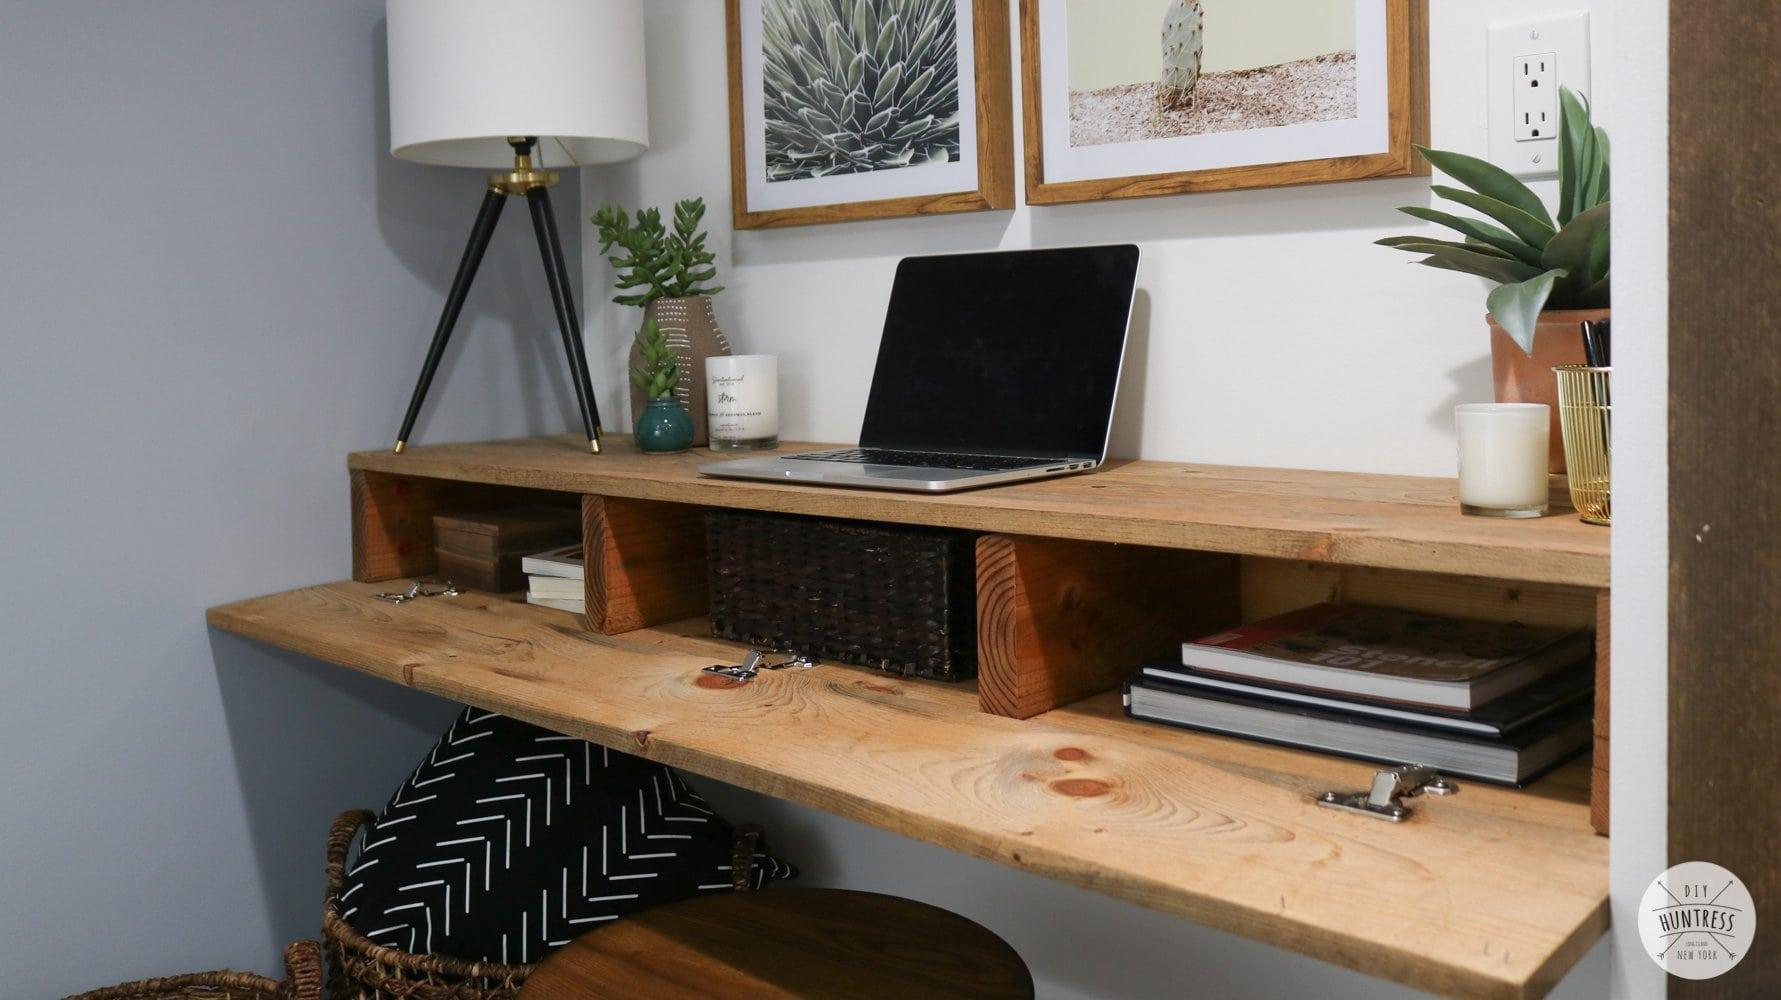 diy-floating-desk-hidden-storage-45 - DIY Huntress